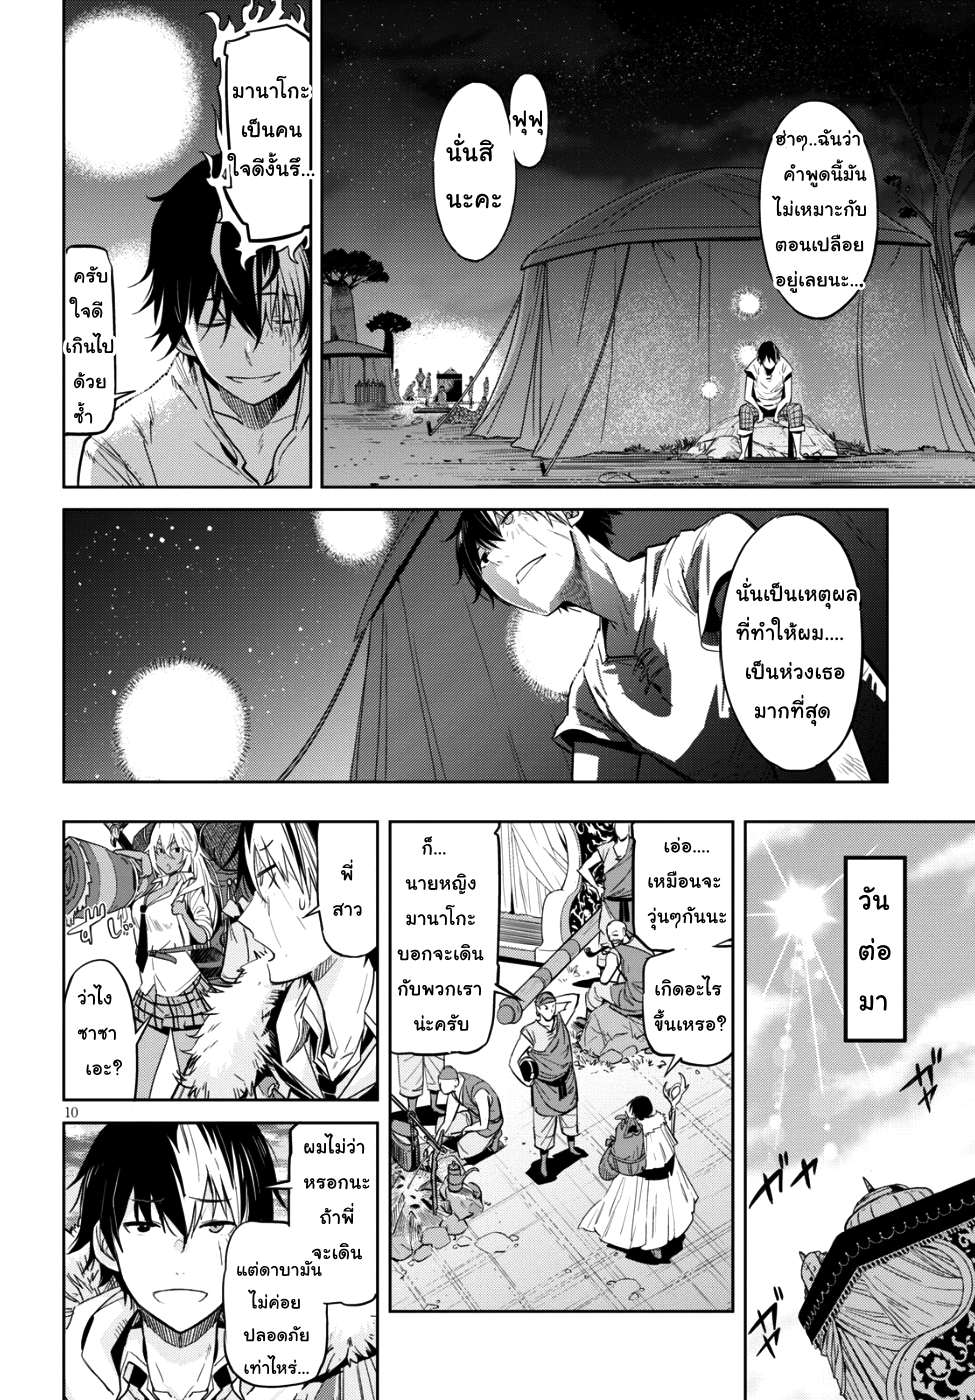 อ่านการ์ตูน Game obu Familia - Family Senki ตอนที่ 9 หน้าที่ 9